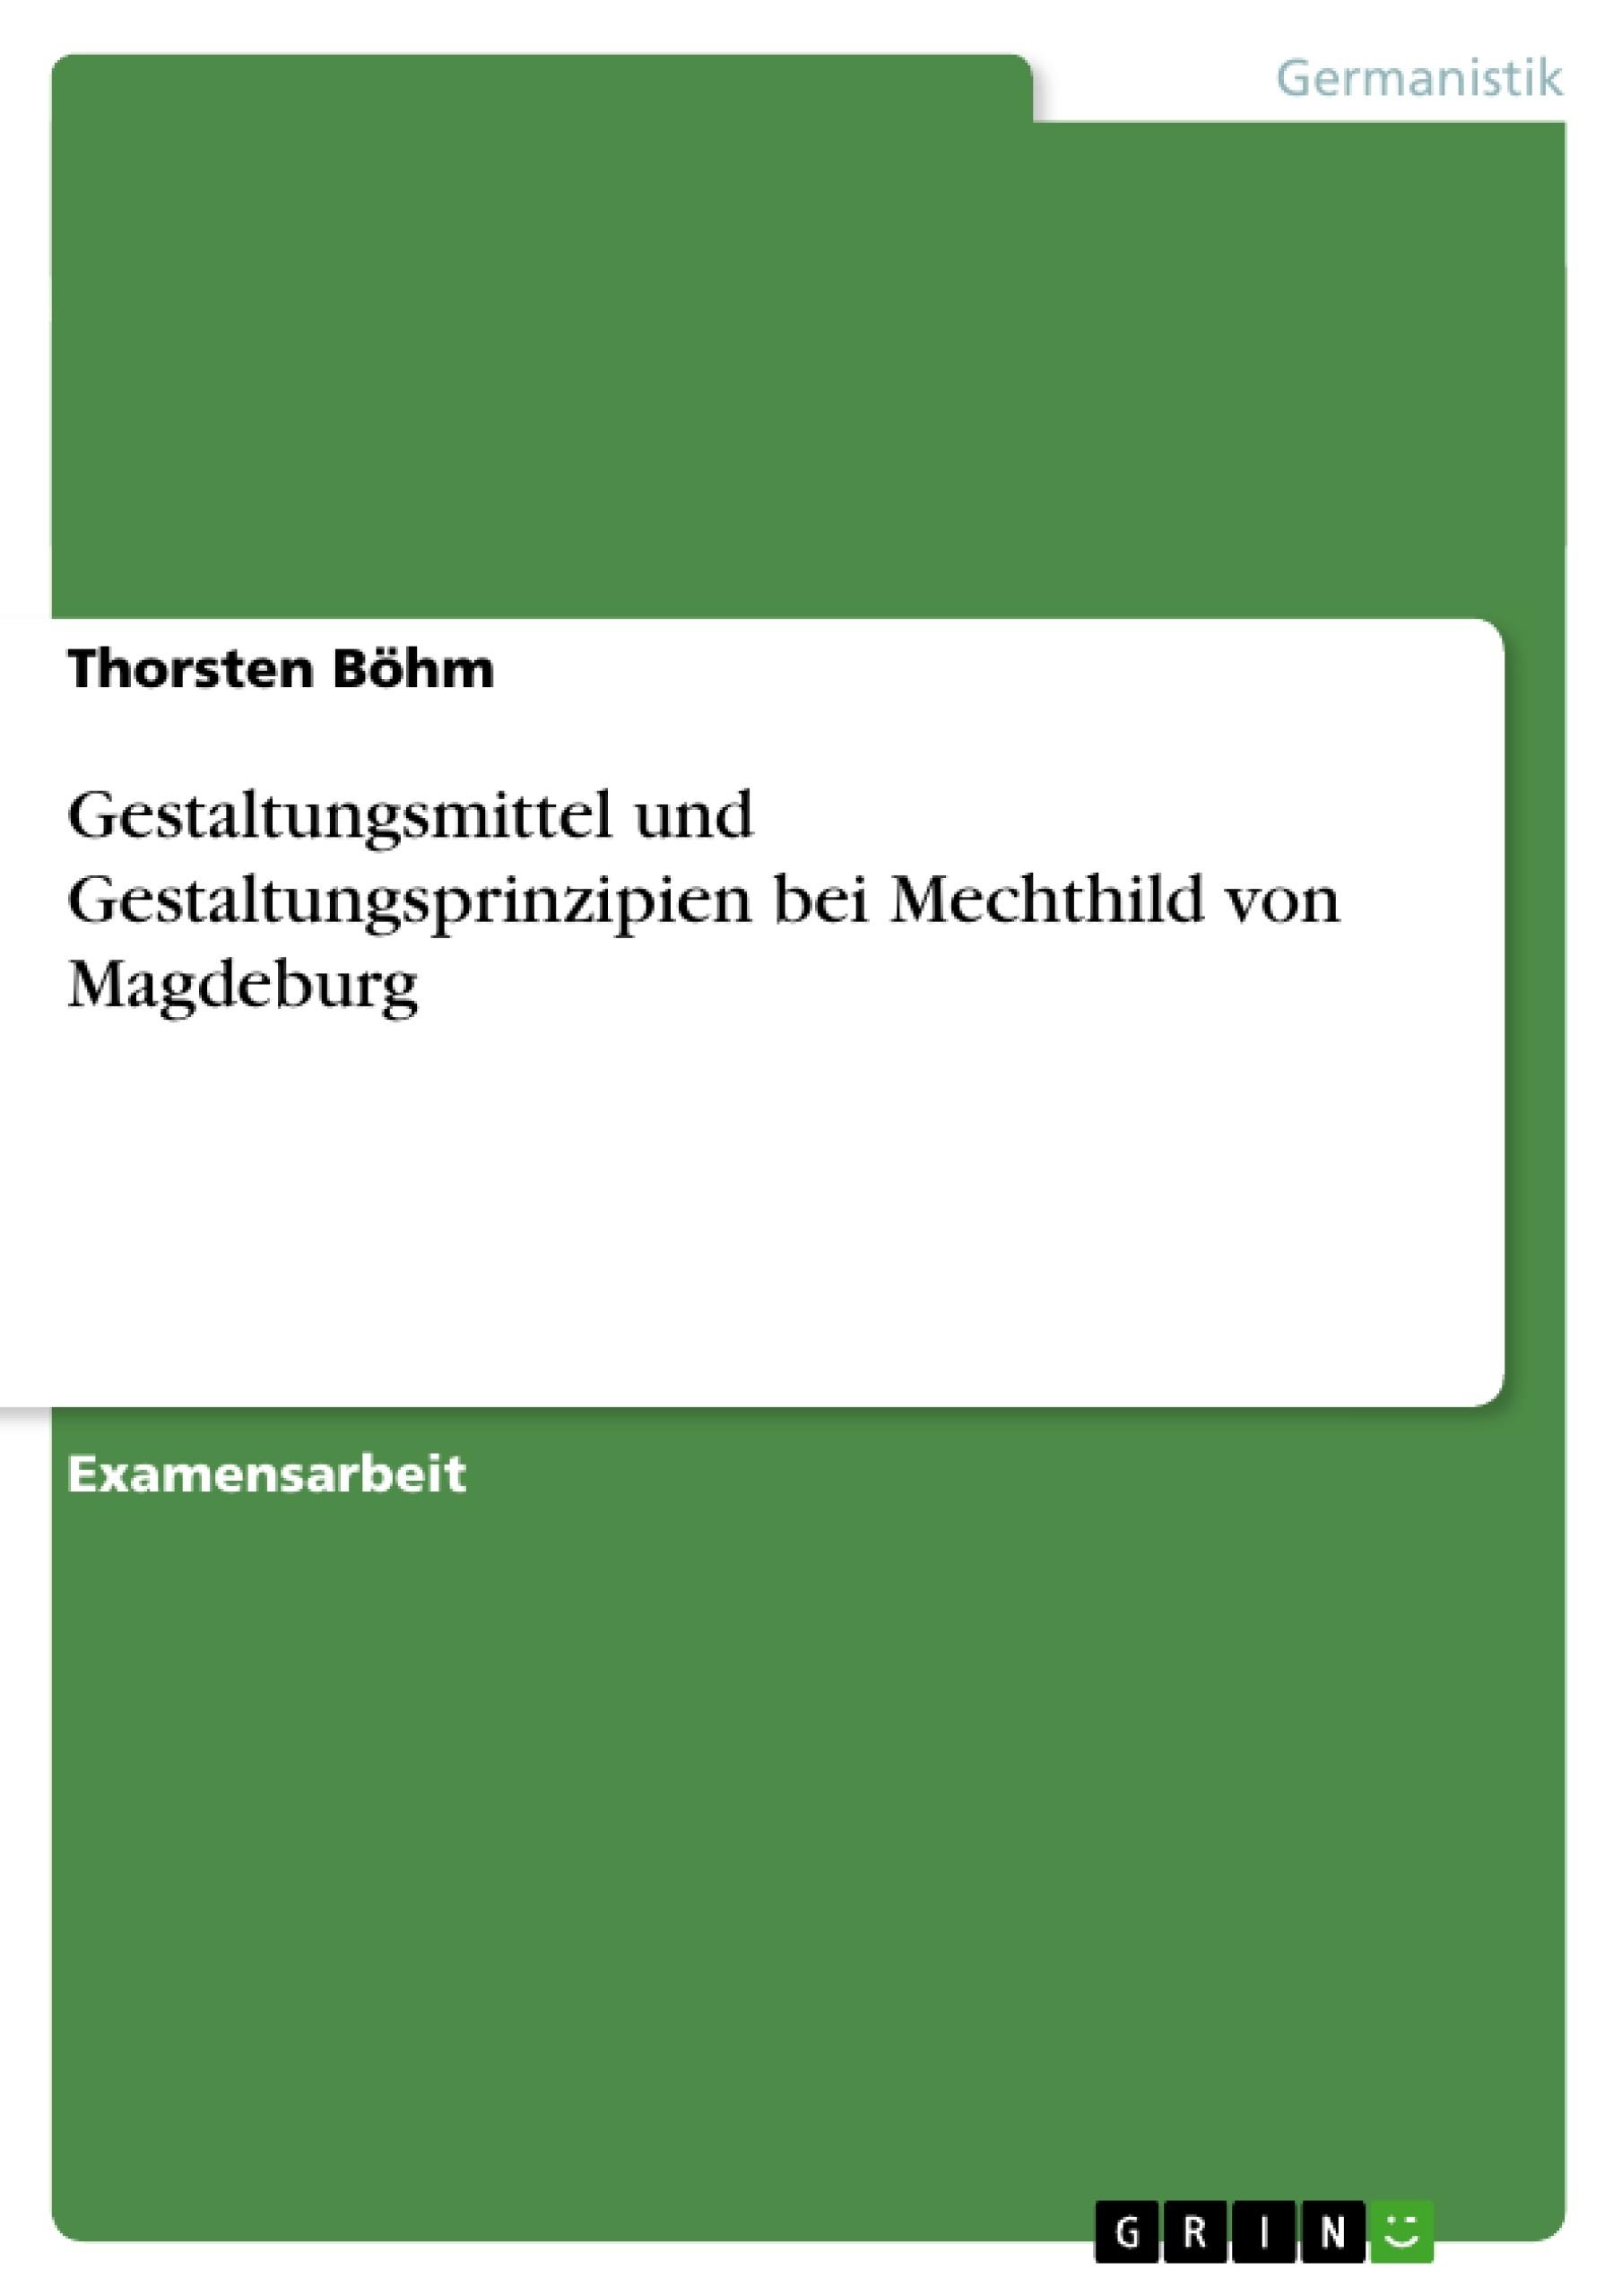 Titel: Gestaltungsmittel und Gestaltungsprinzipien bei Mechthild von Magdeburg